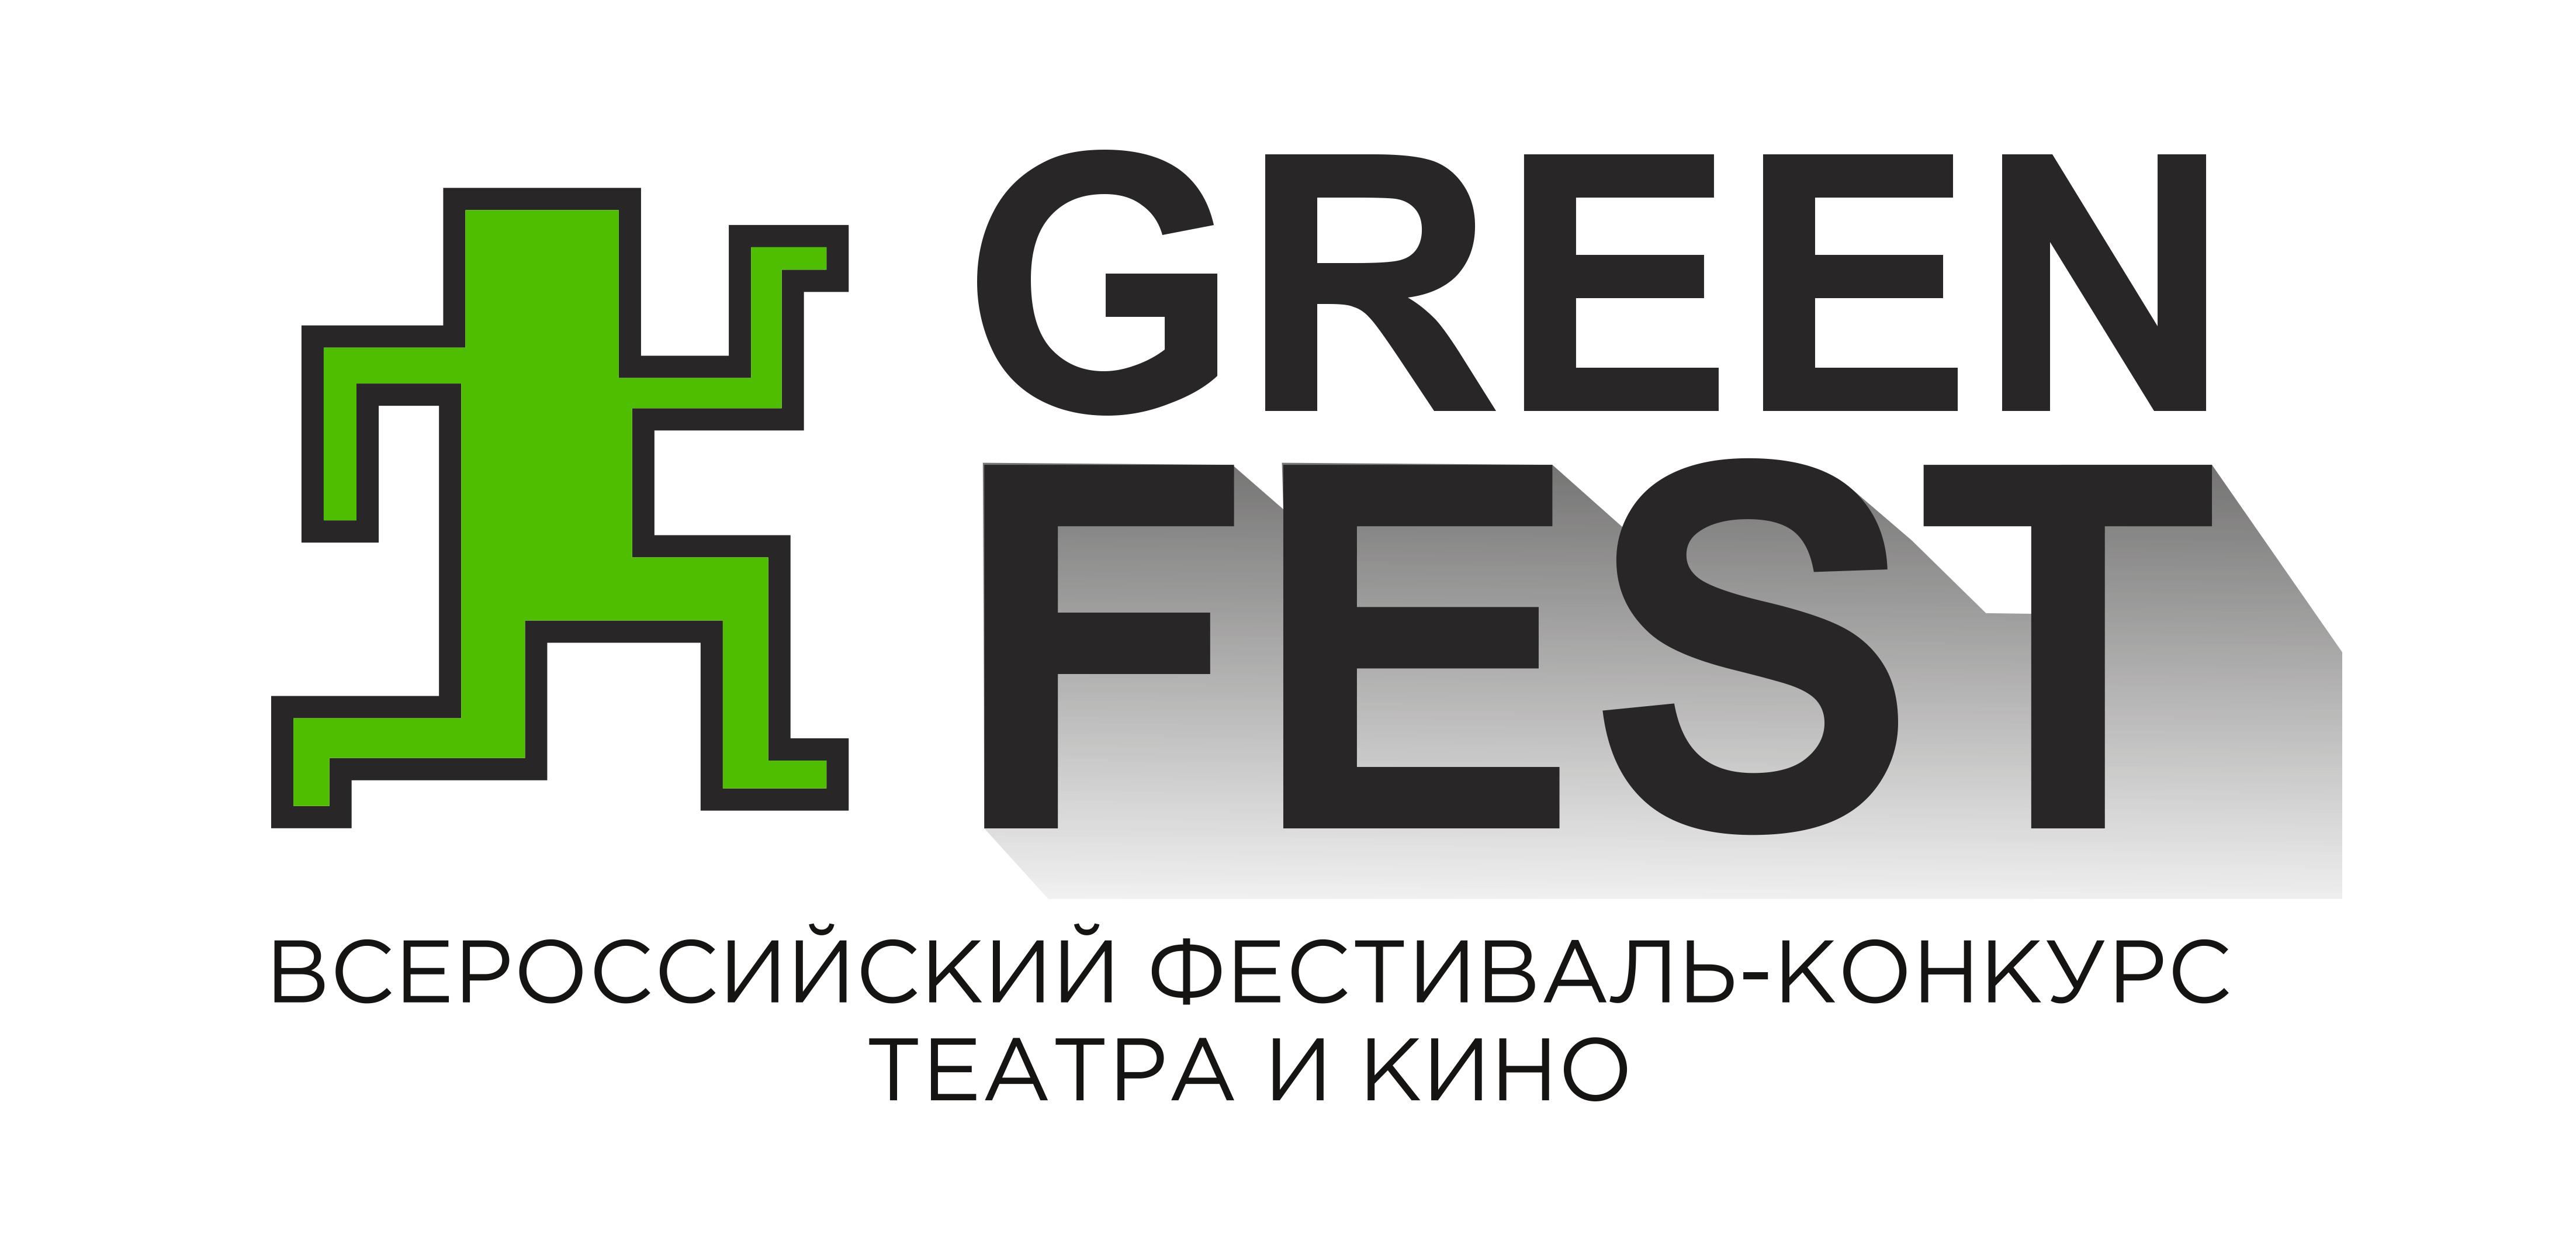 (c) Mosaicfest.ru